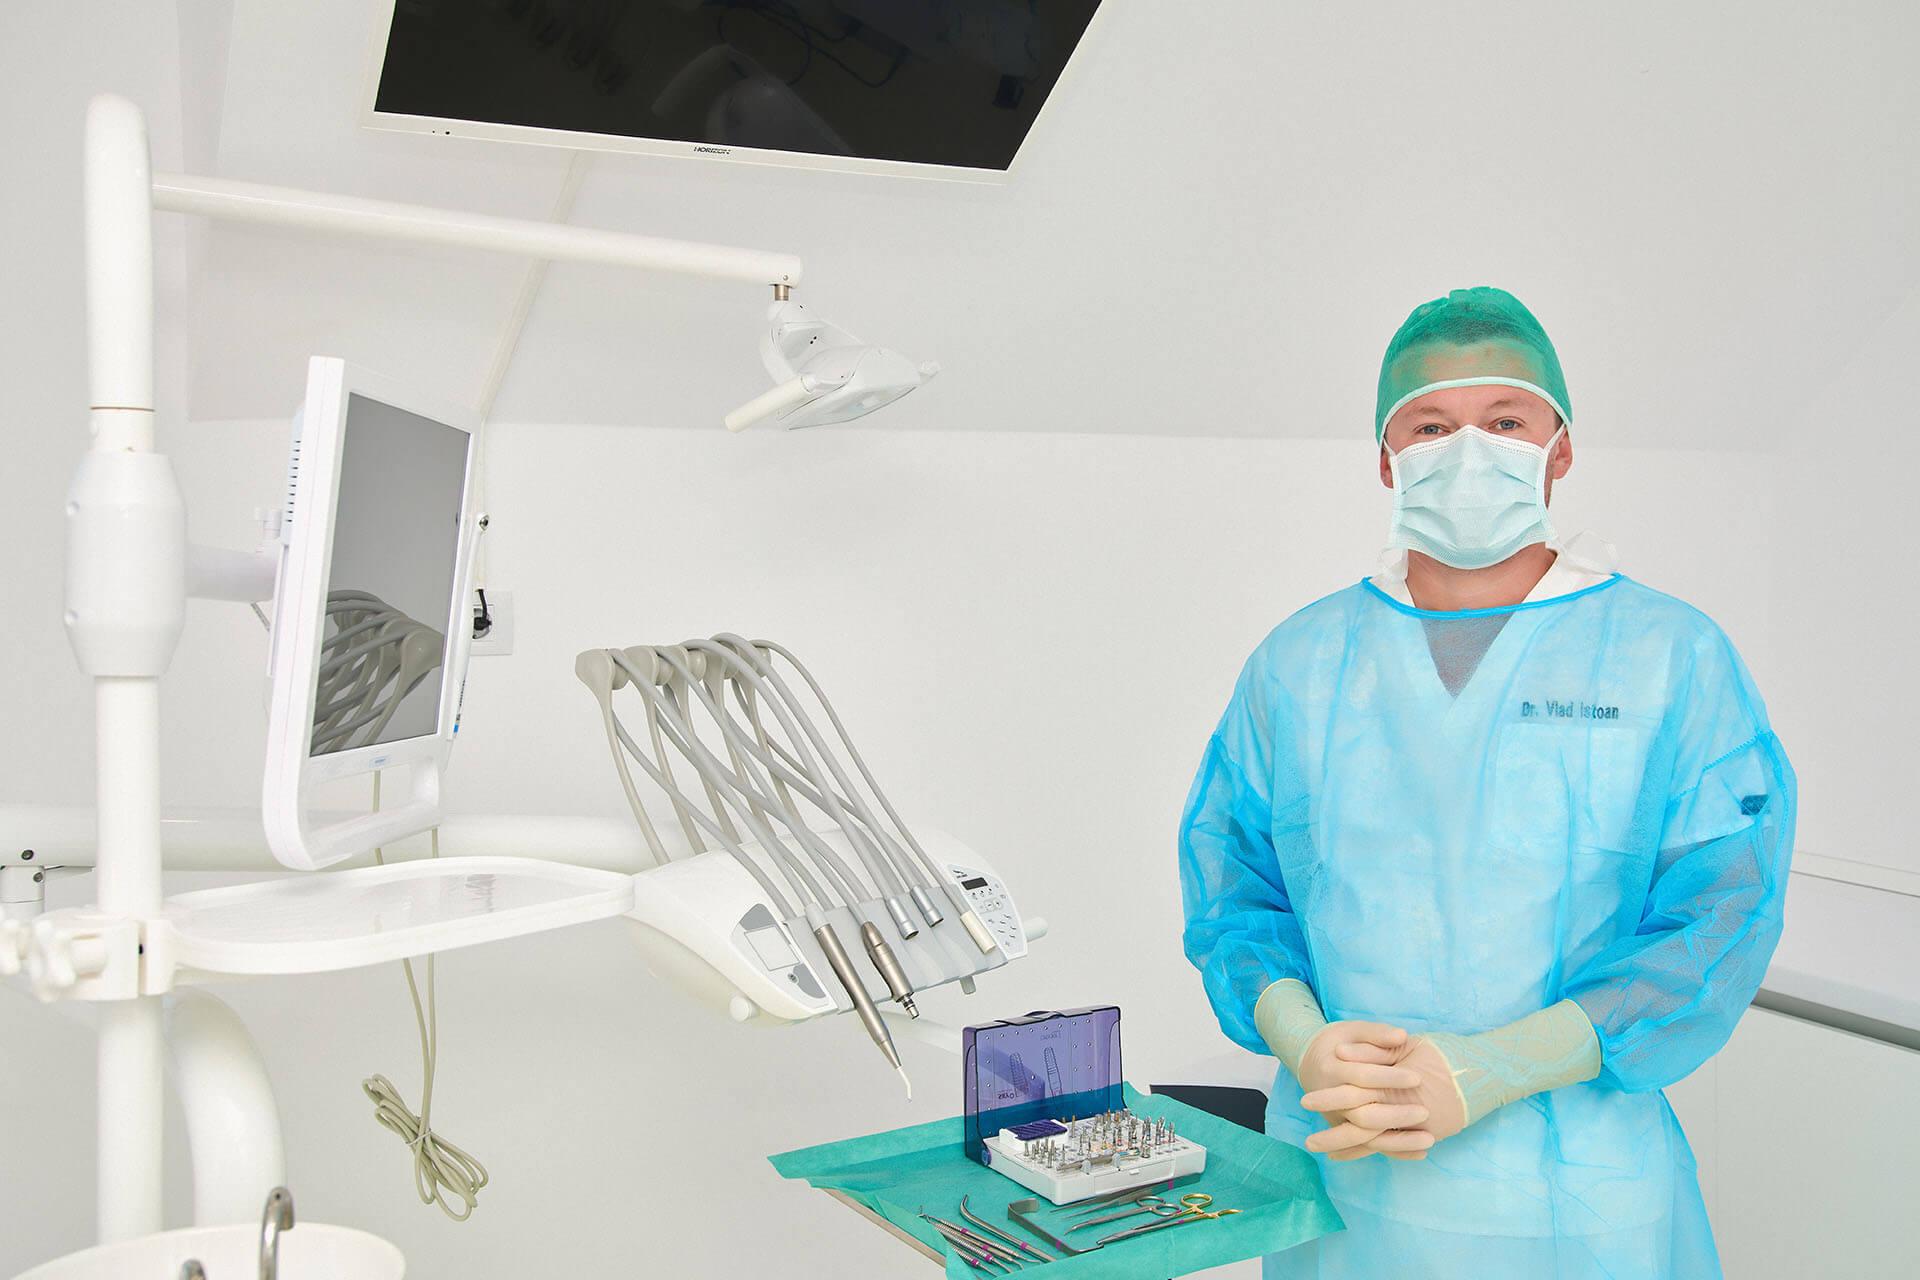 Ce diferență exista intre tipurile de implanturi?